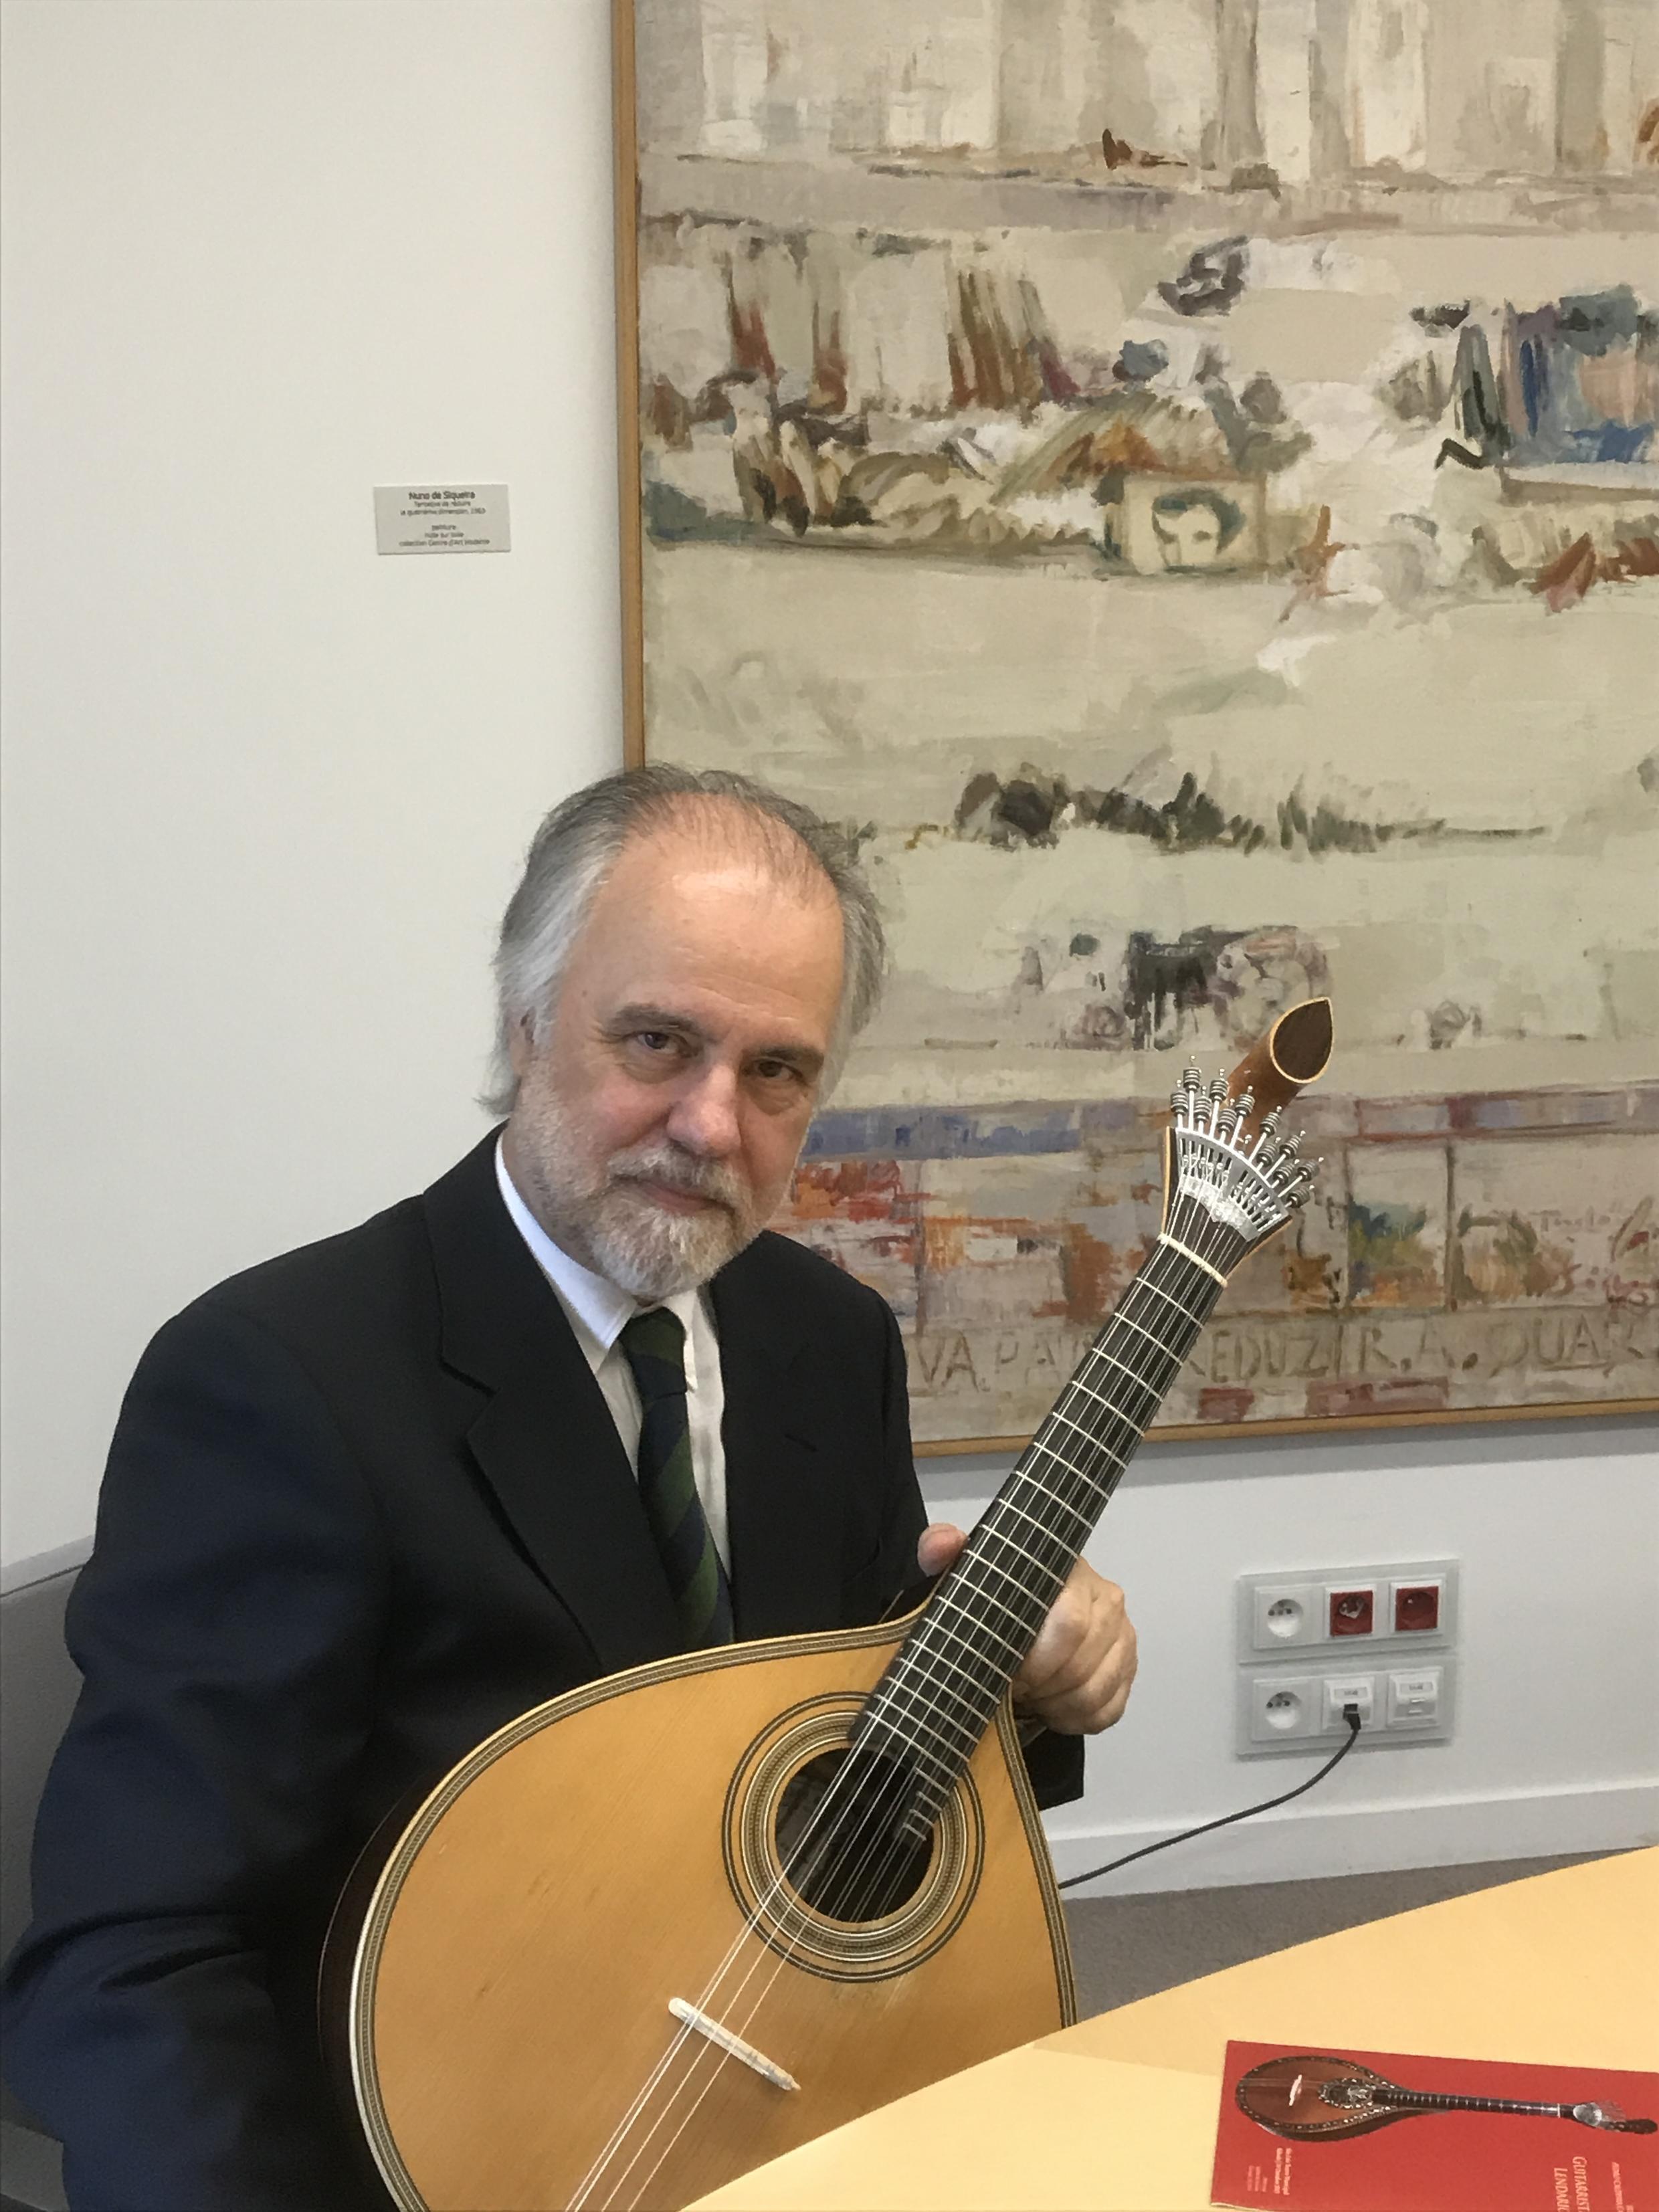 Pedro Caldeira Cabral na delegação parisiense da Fundação Calouste Gulbenkian em Paris a 6 de Junho de 2017.